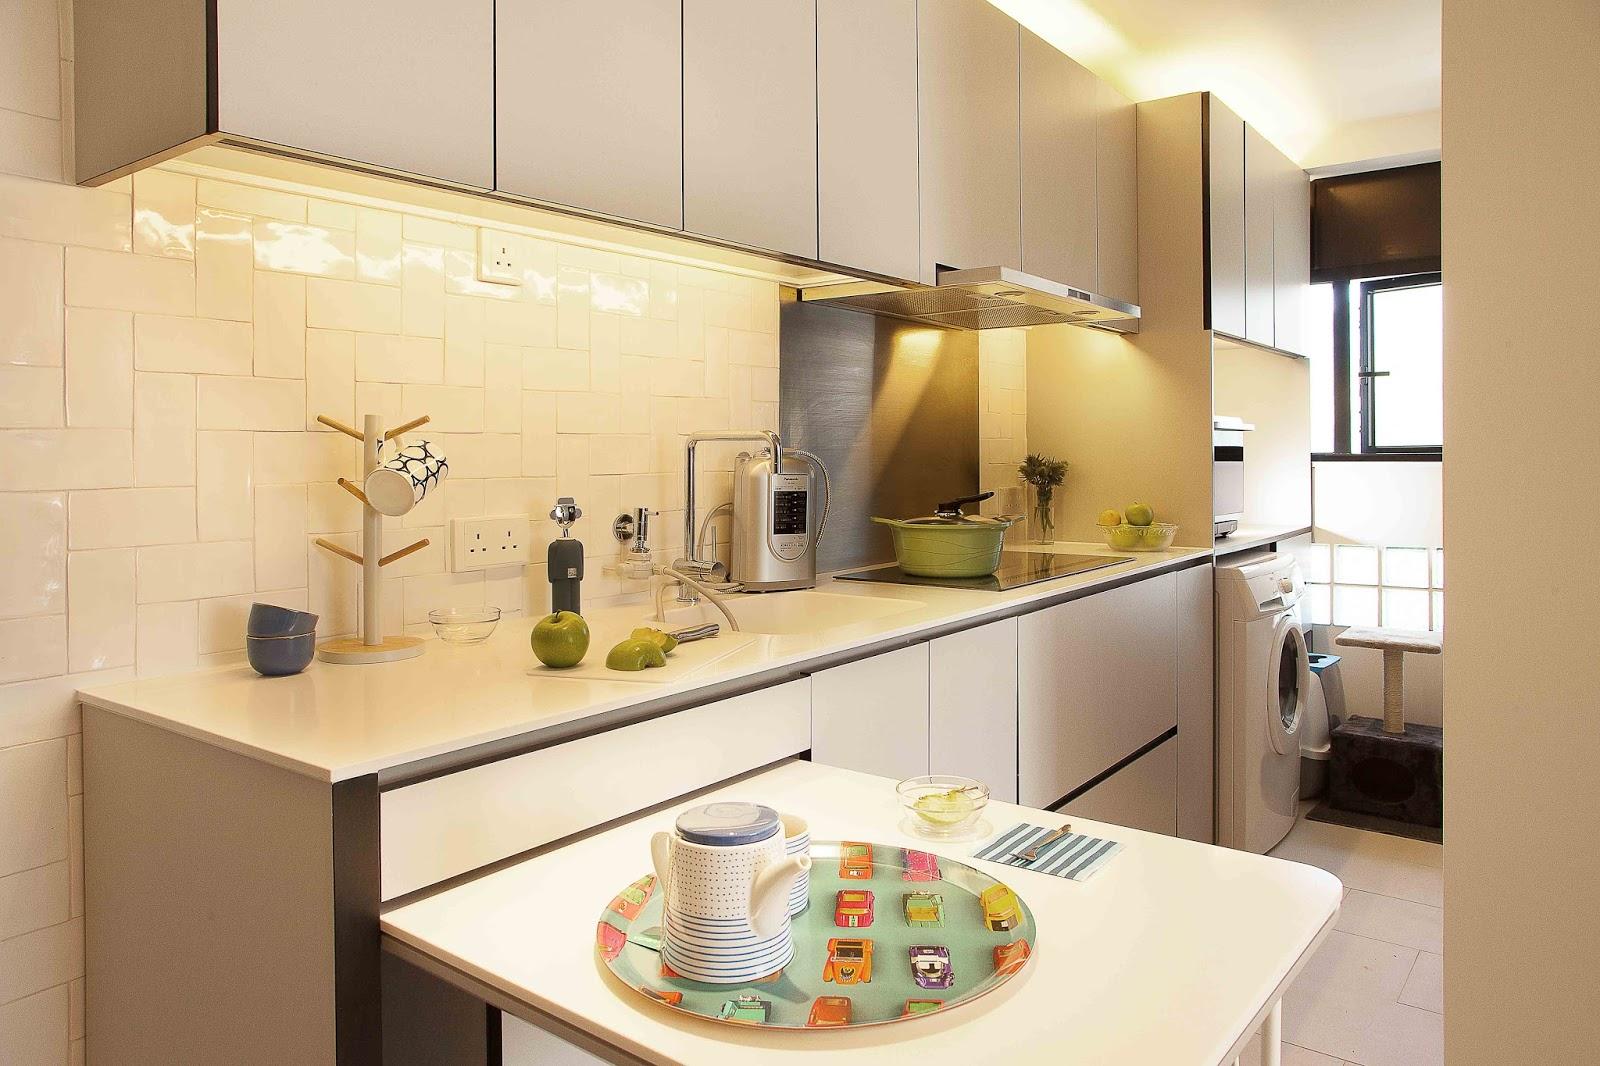 Hong Kong Interior Design Tips & Ideas | Clifton Leung